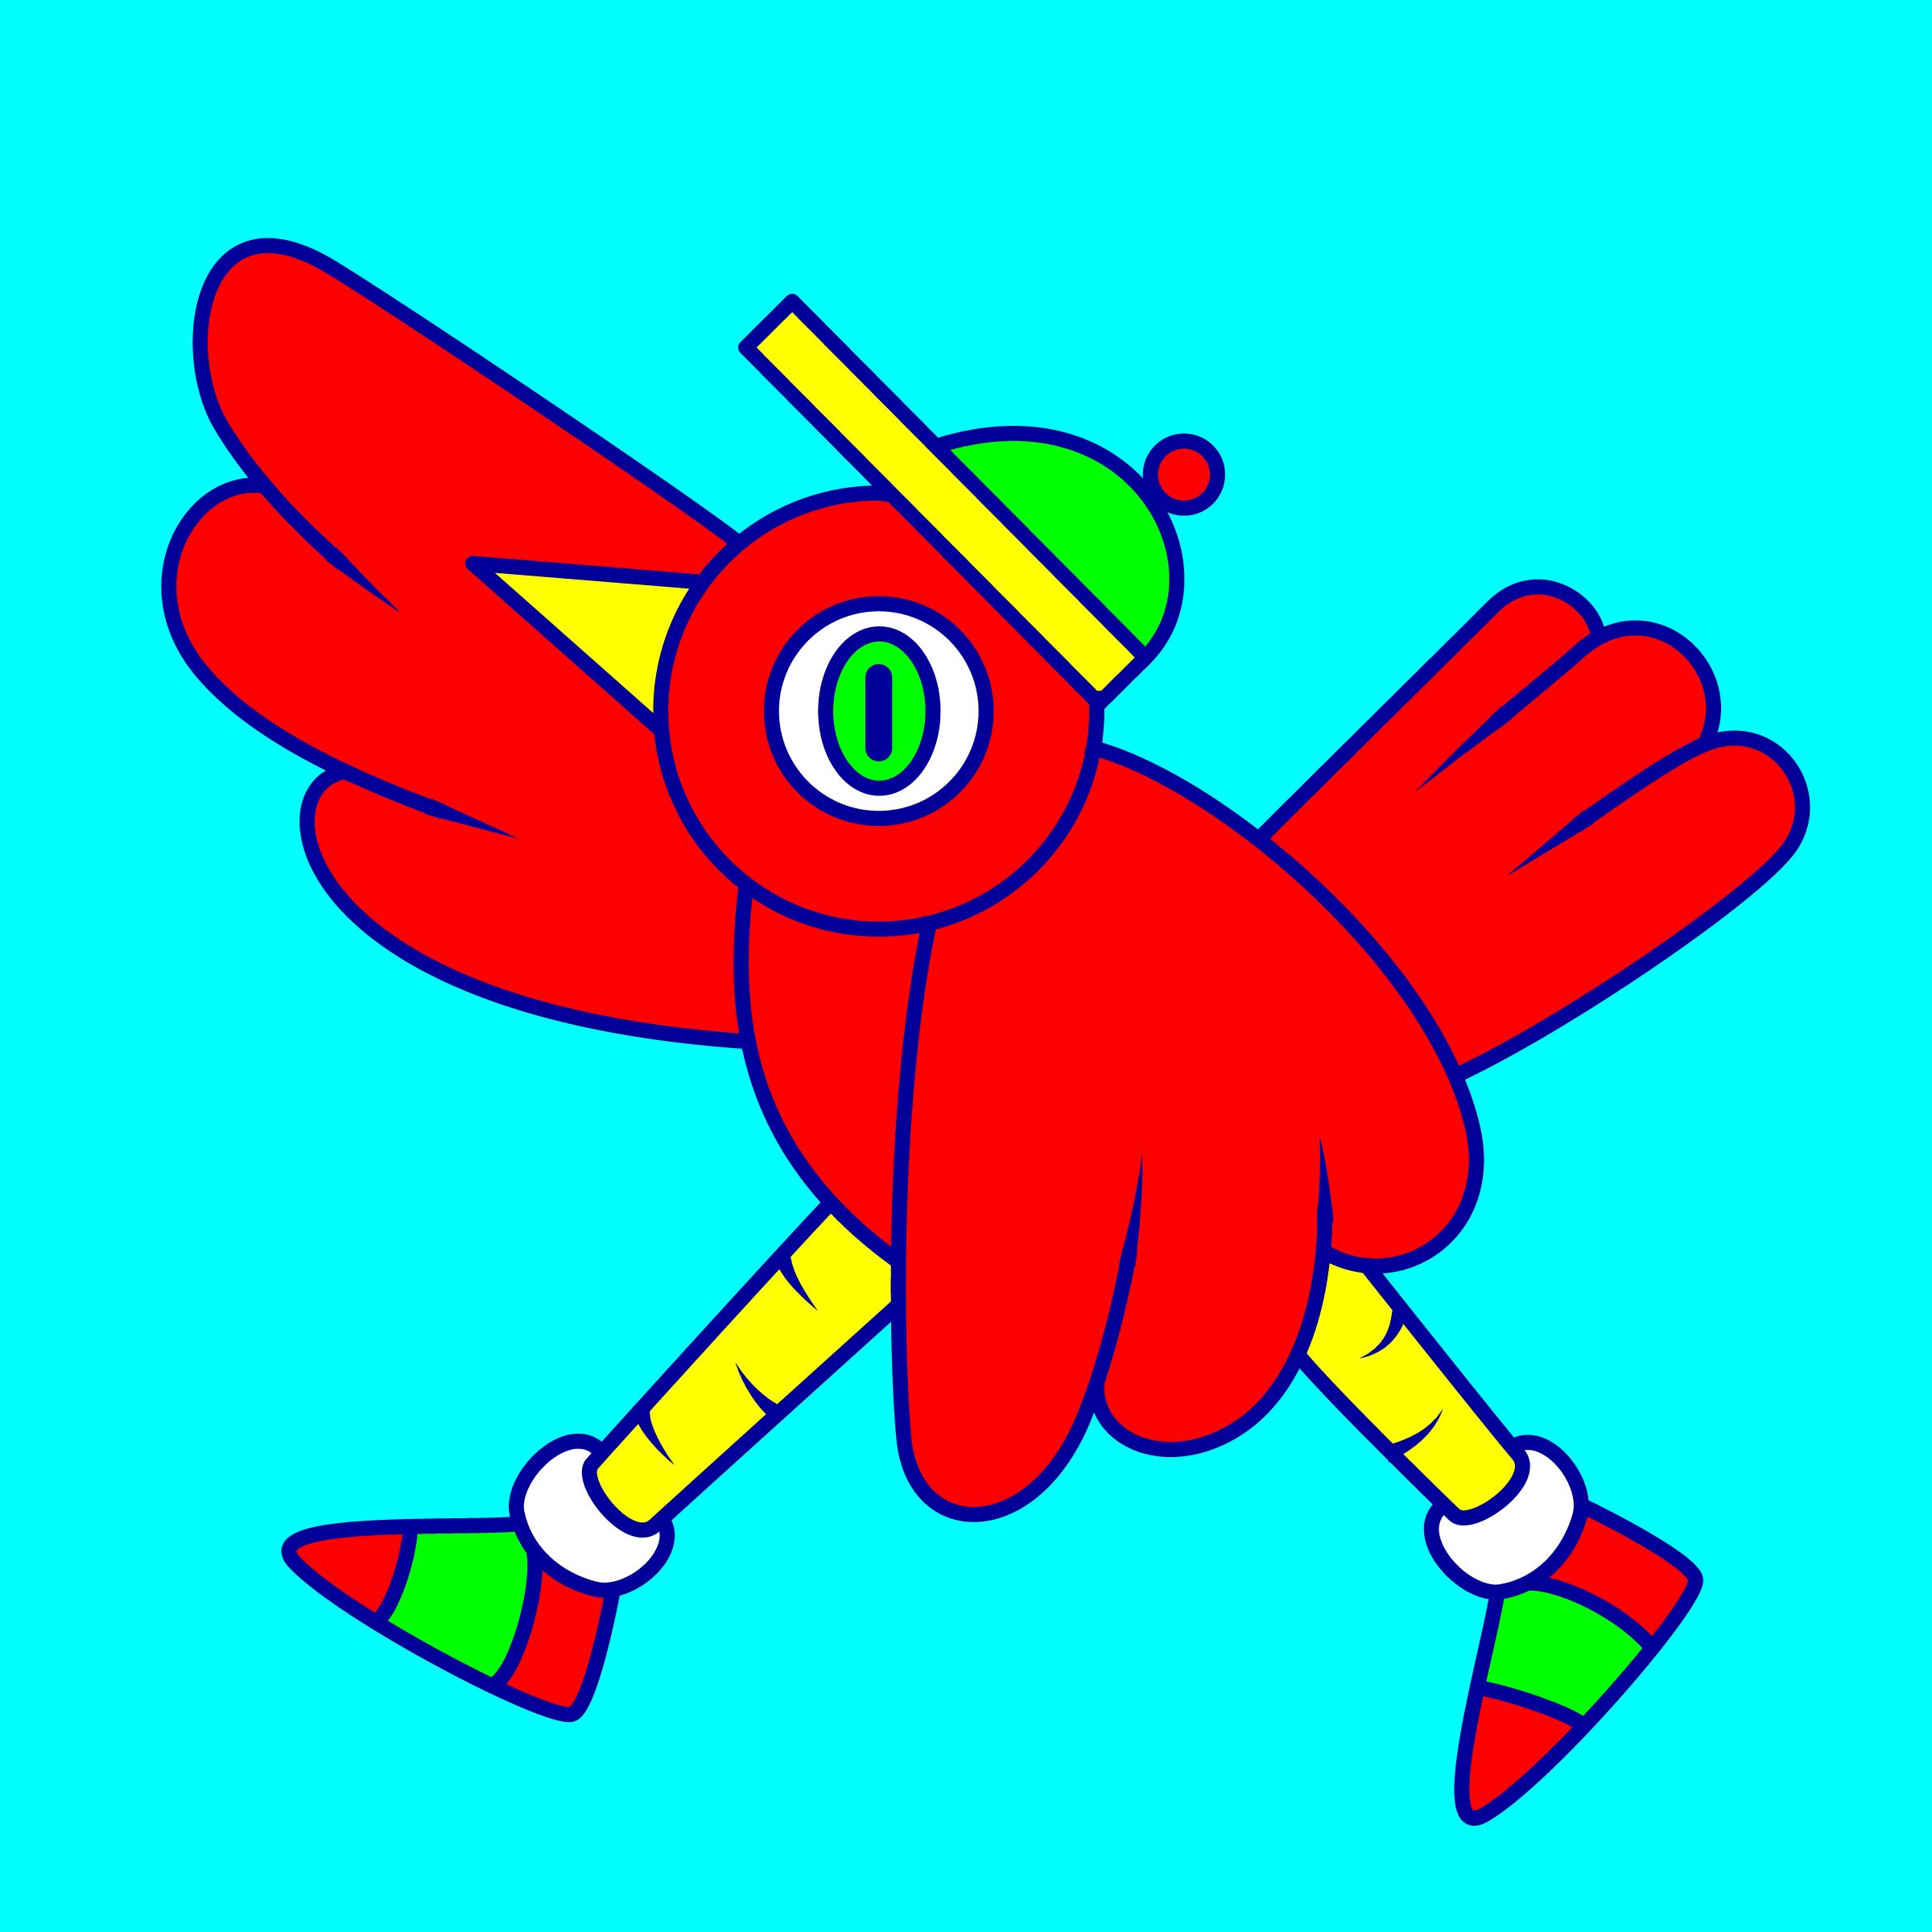 redbird-01.png